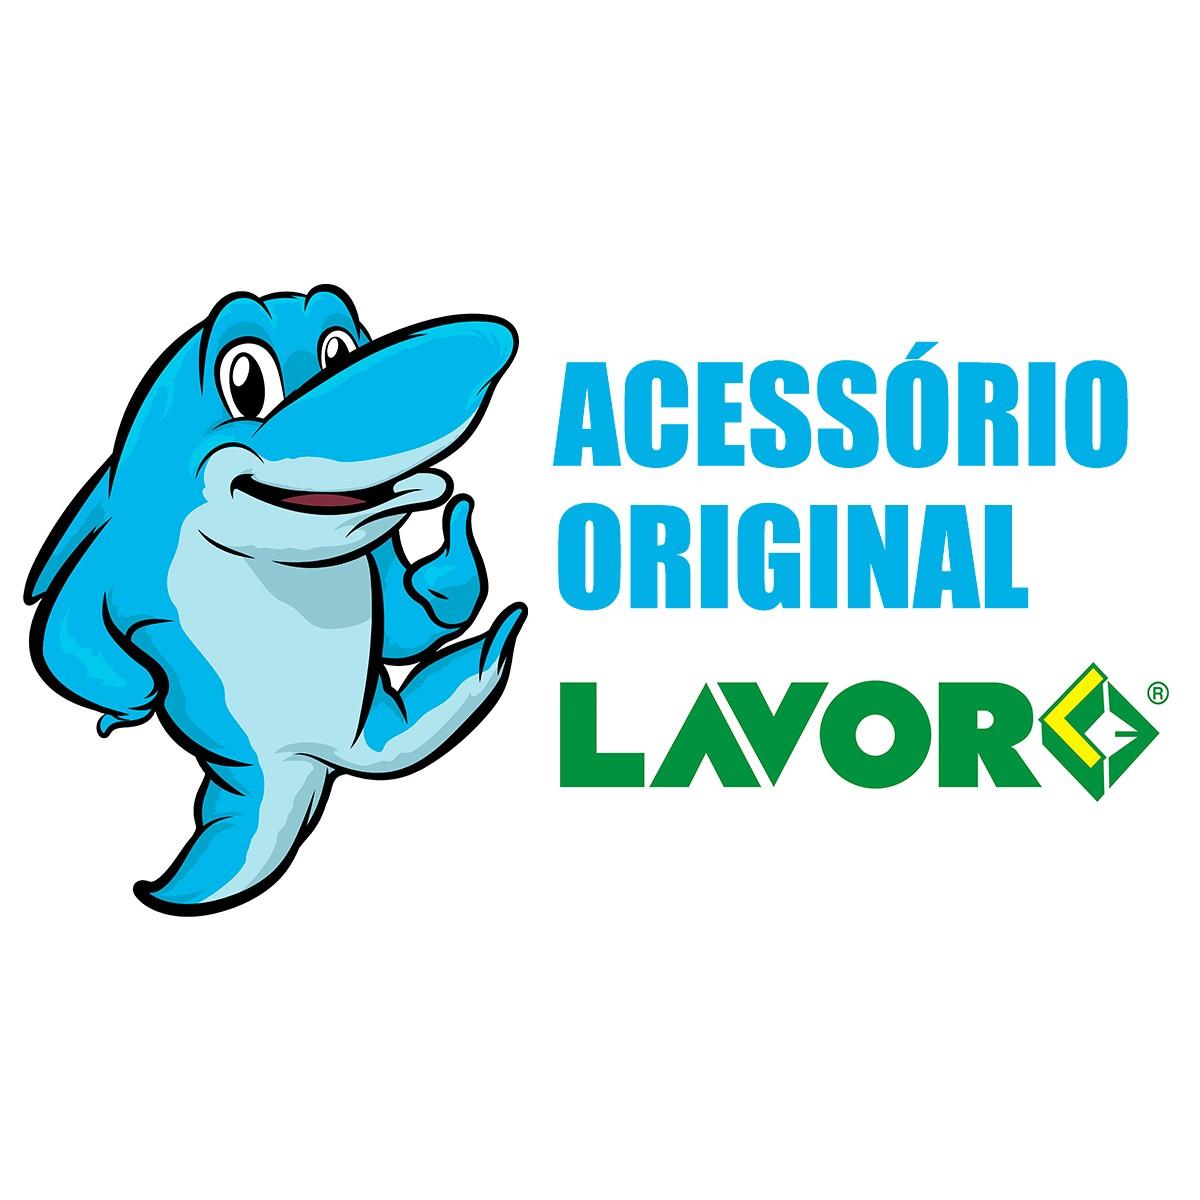 Kit Saco descartável para Aspirador Lavor Compact 22, GN 22, GN 32, Kronos 22, Kronos 32, GNP 32, Kronos 23, Kronos Duplo, Genio Steel 03unid Original